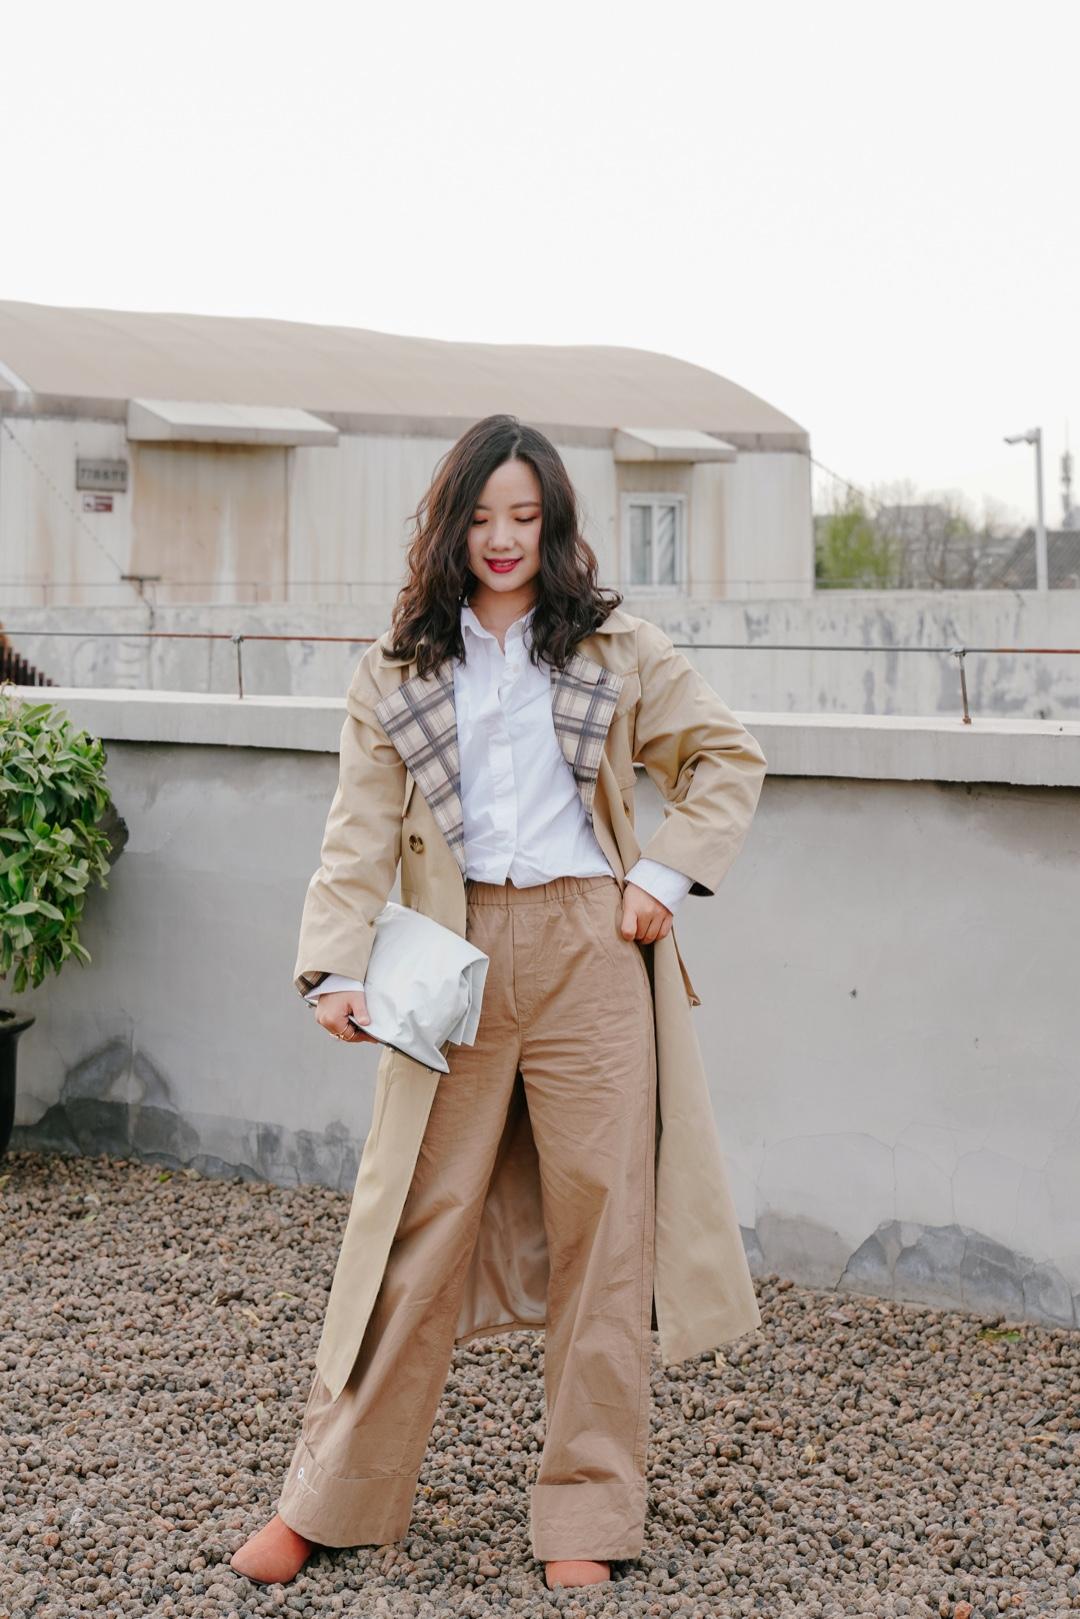 小毛穿搭|卡其配色的风衣穿搭 今天是干干净净的卡其-白搭配色系。风衣最经典的就是卡其色啦,裤子选择了纯棉质地的同色系,营造柔软文艺的风格。加上干净清爽的白衬衫和手包,依然是文艺片范儿。 🧥风衣:方圆square-circle 👖裤子:JNBY 👜手包:simon miller 👢靴子:freepeople  #时装周街拍同款品牌上新#